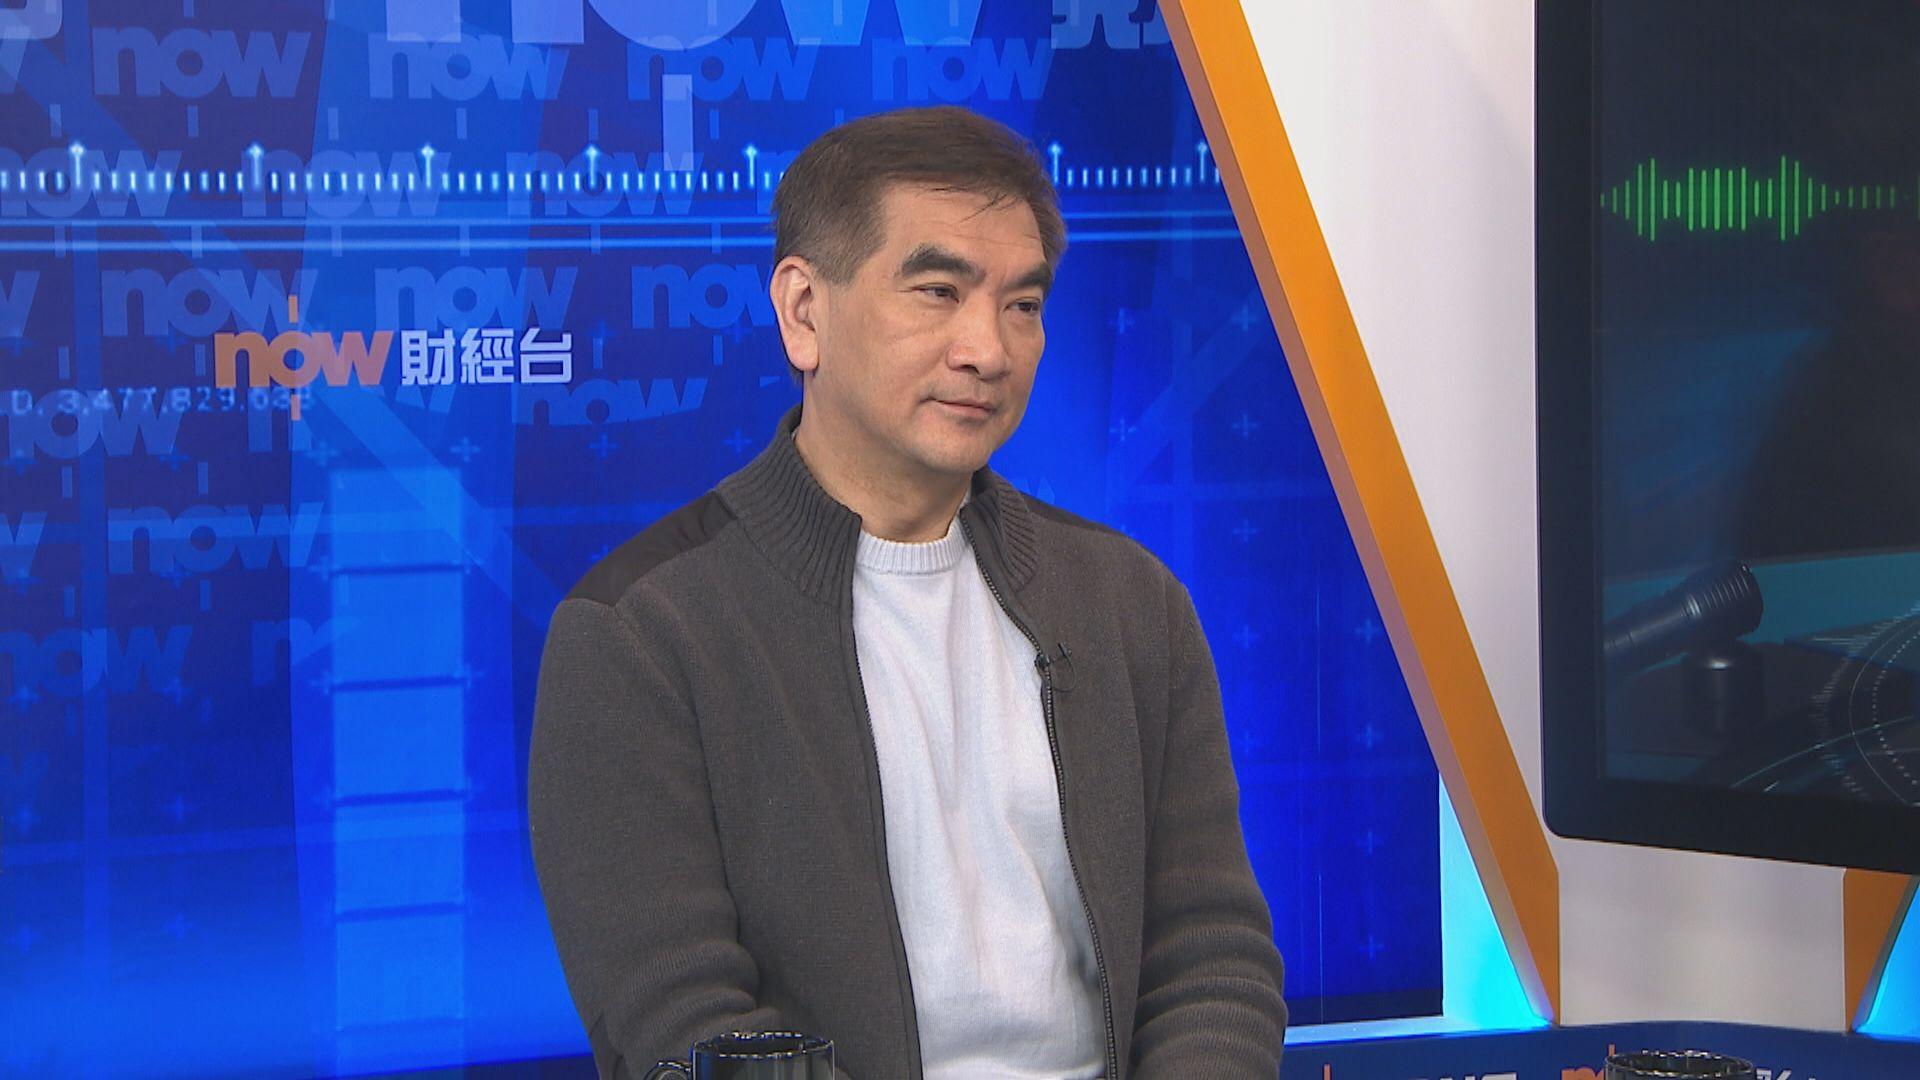 鍾國斌:目前行會制度已失效需重組